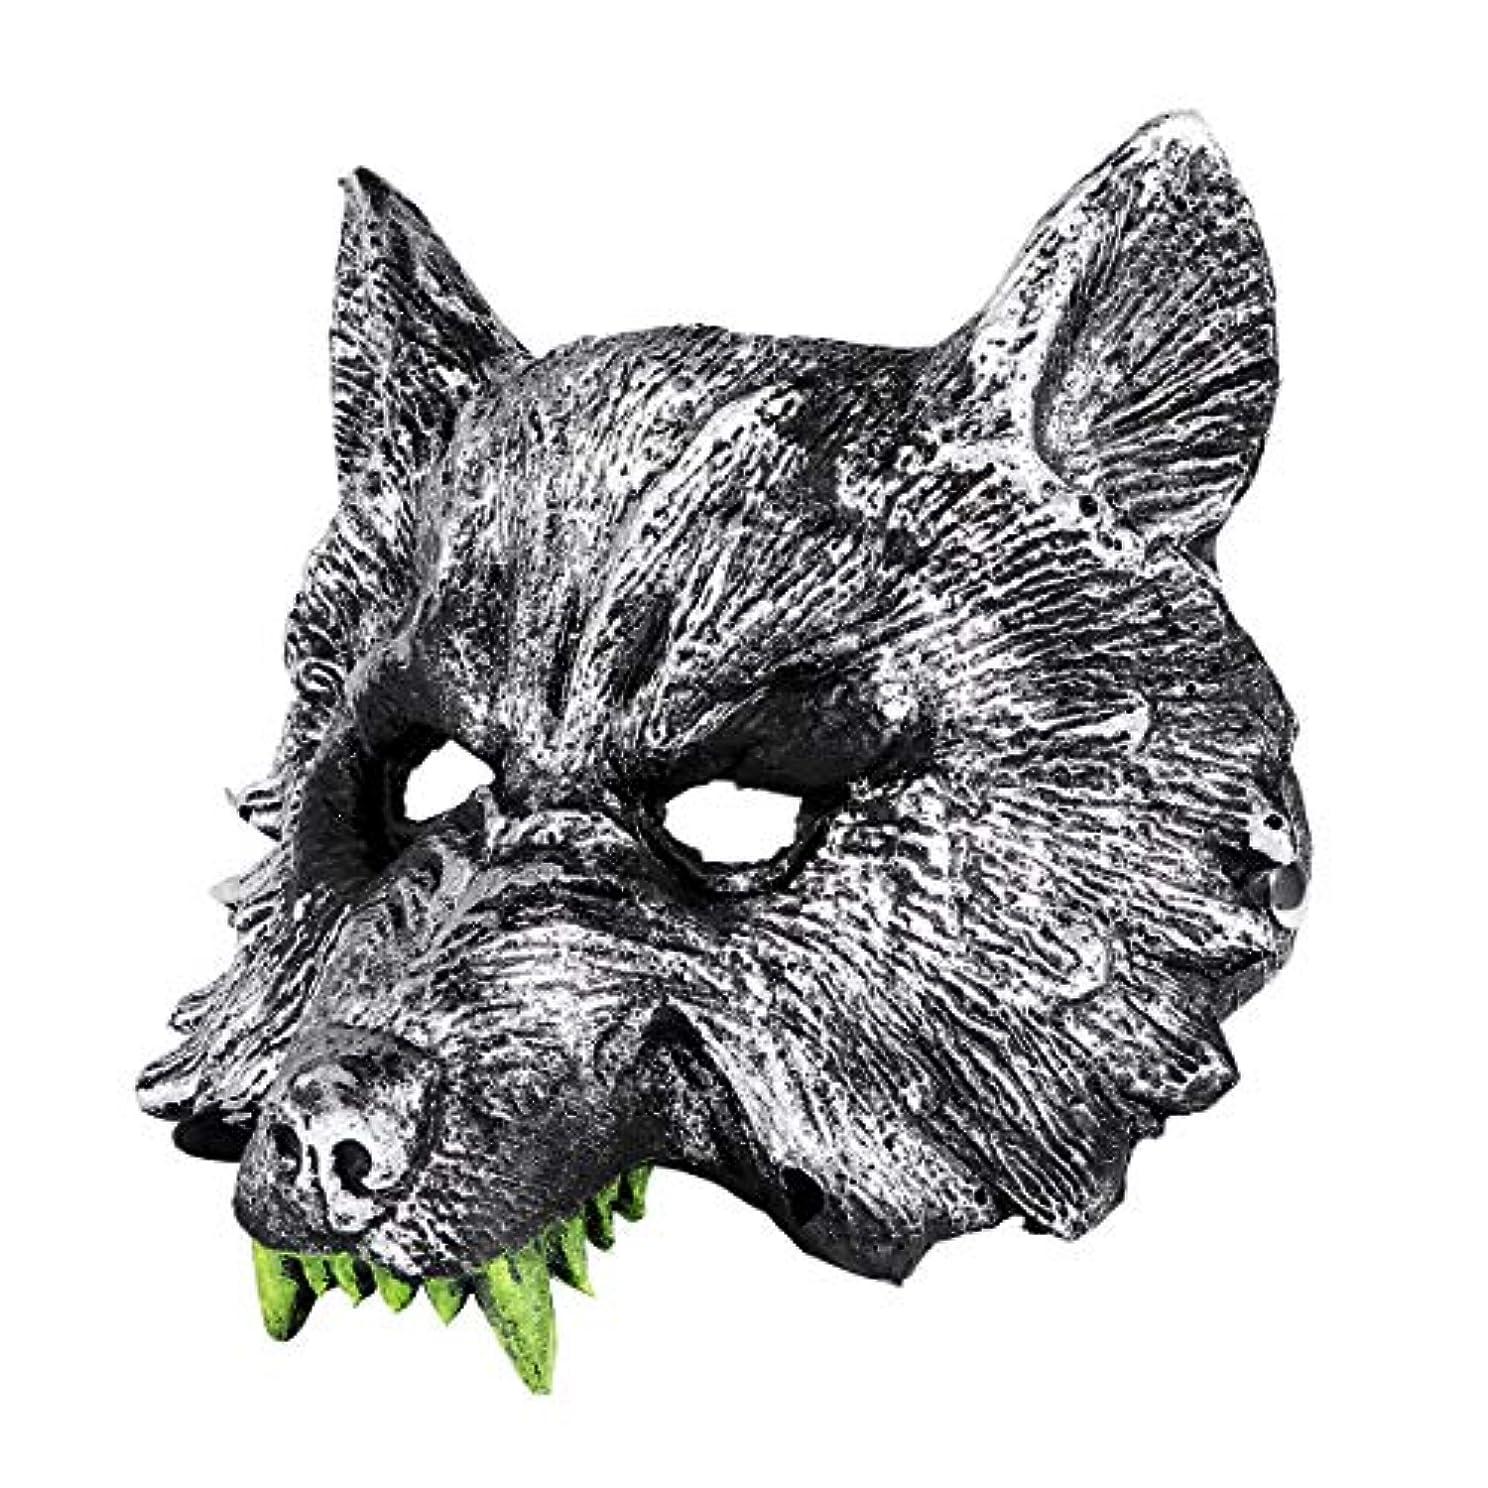 民主主義船員月コスプレハロウィーン仮装のためのNUOLUX灰色オオカミヘッドマスクファンシードレスパーティー小道具